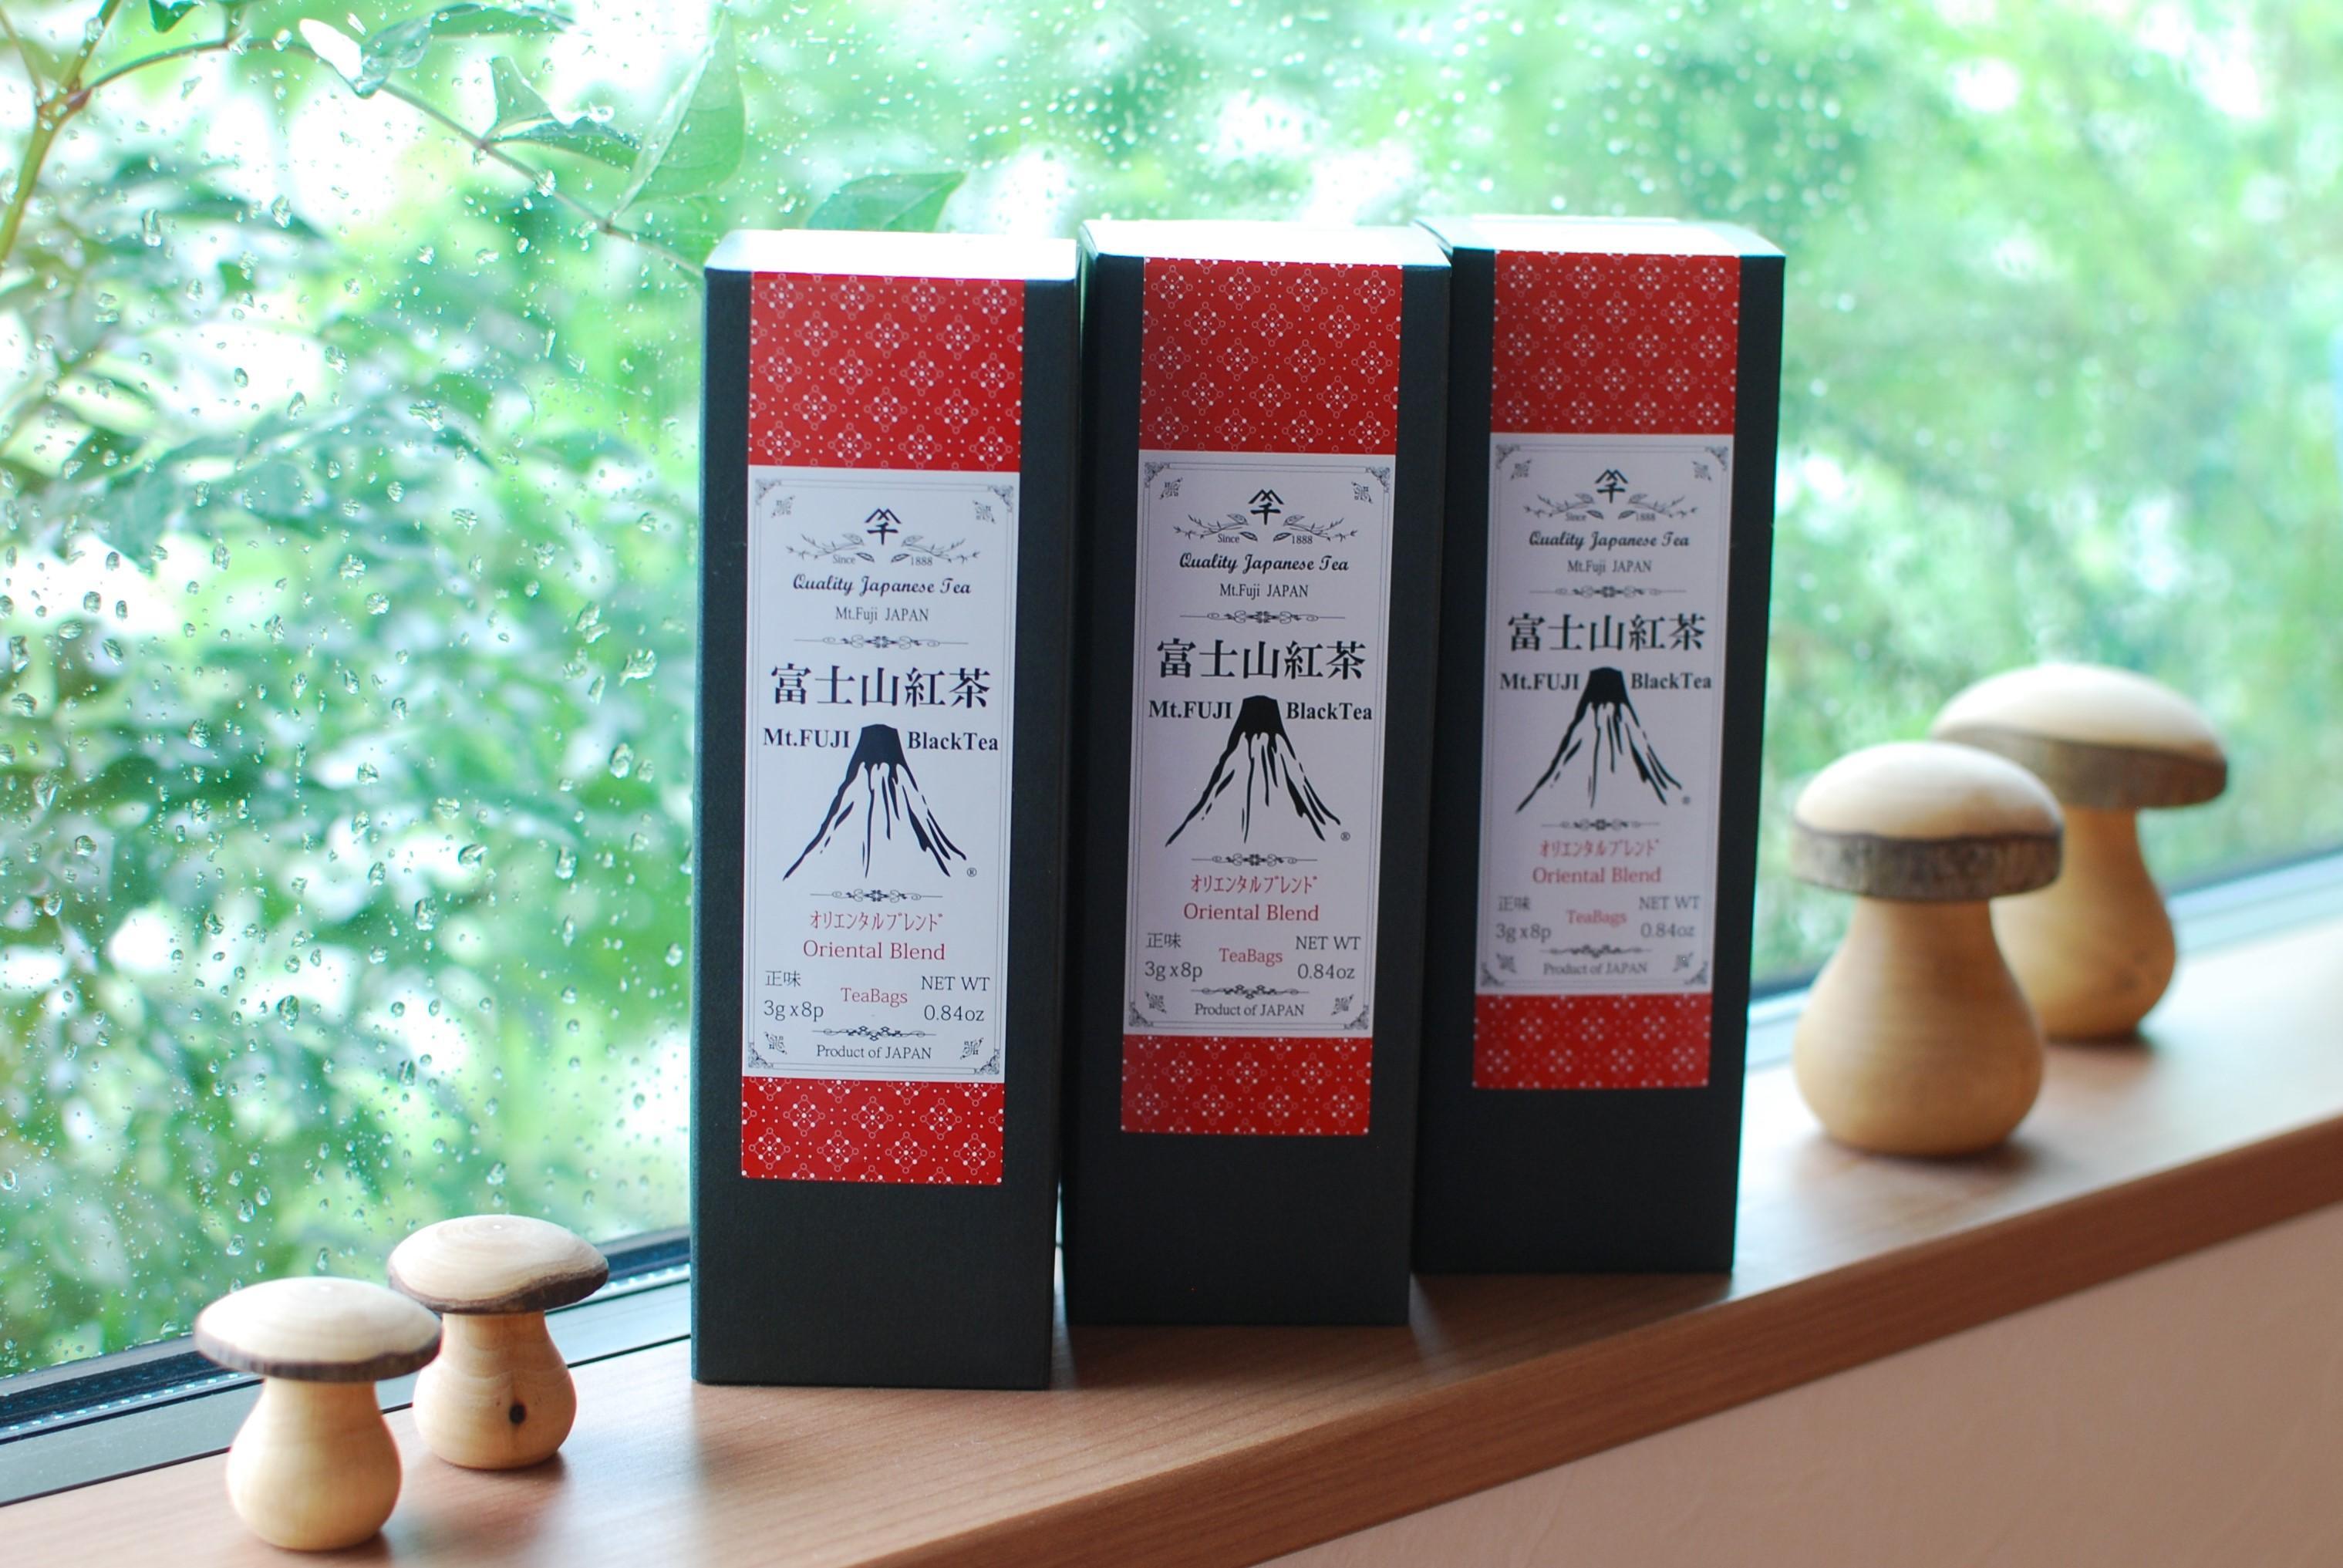 御殿場の紅茶「富士山紅茶」